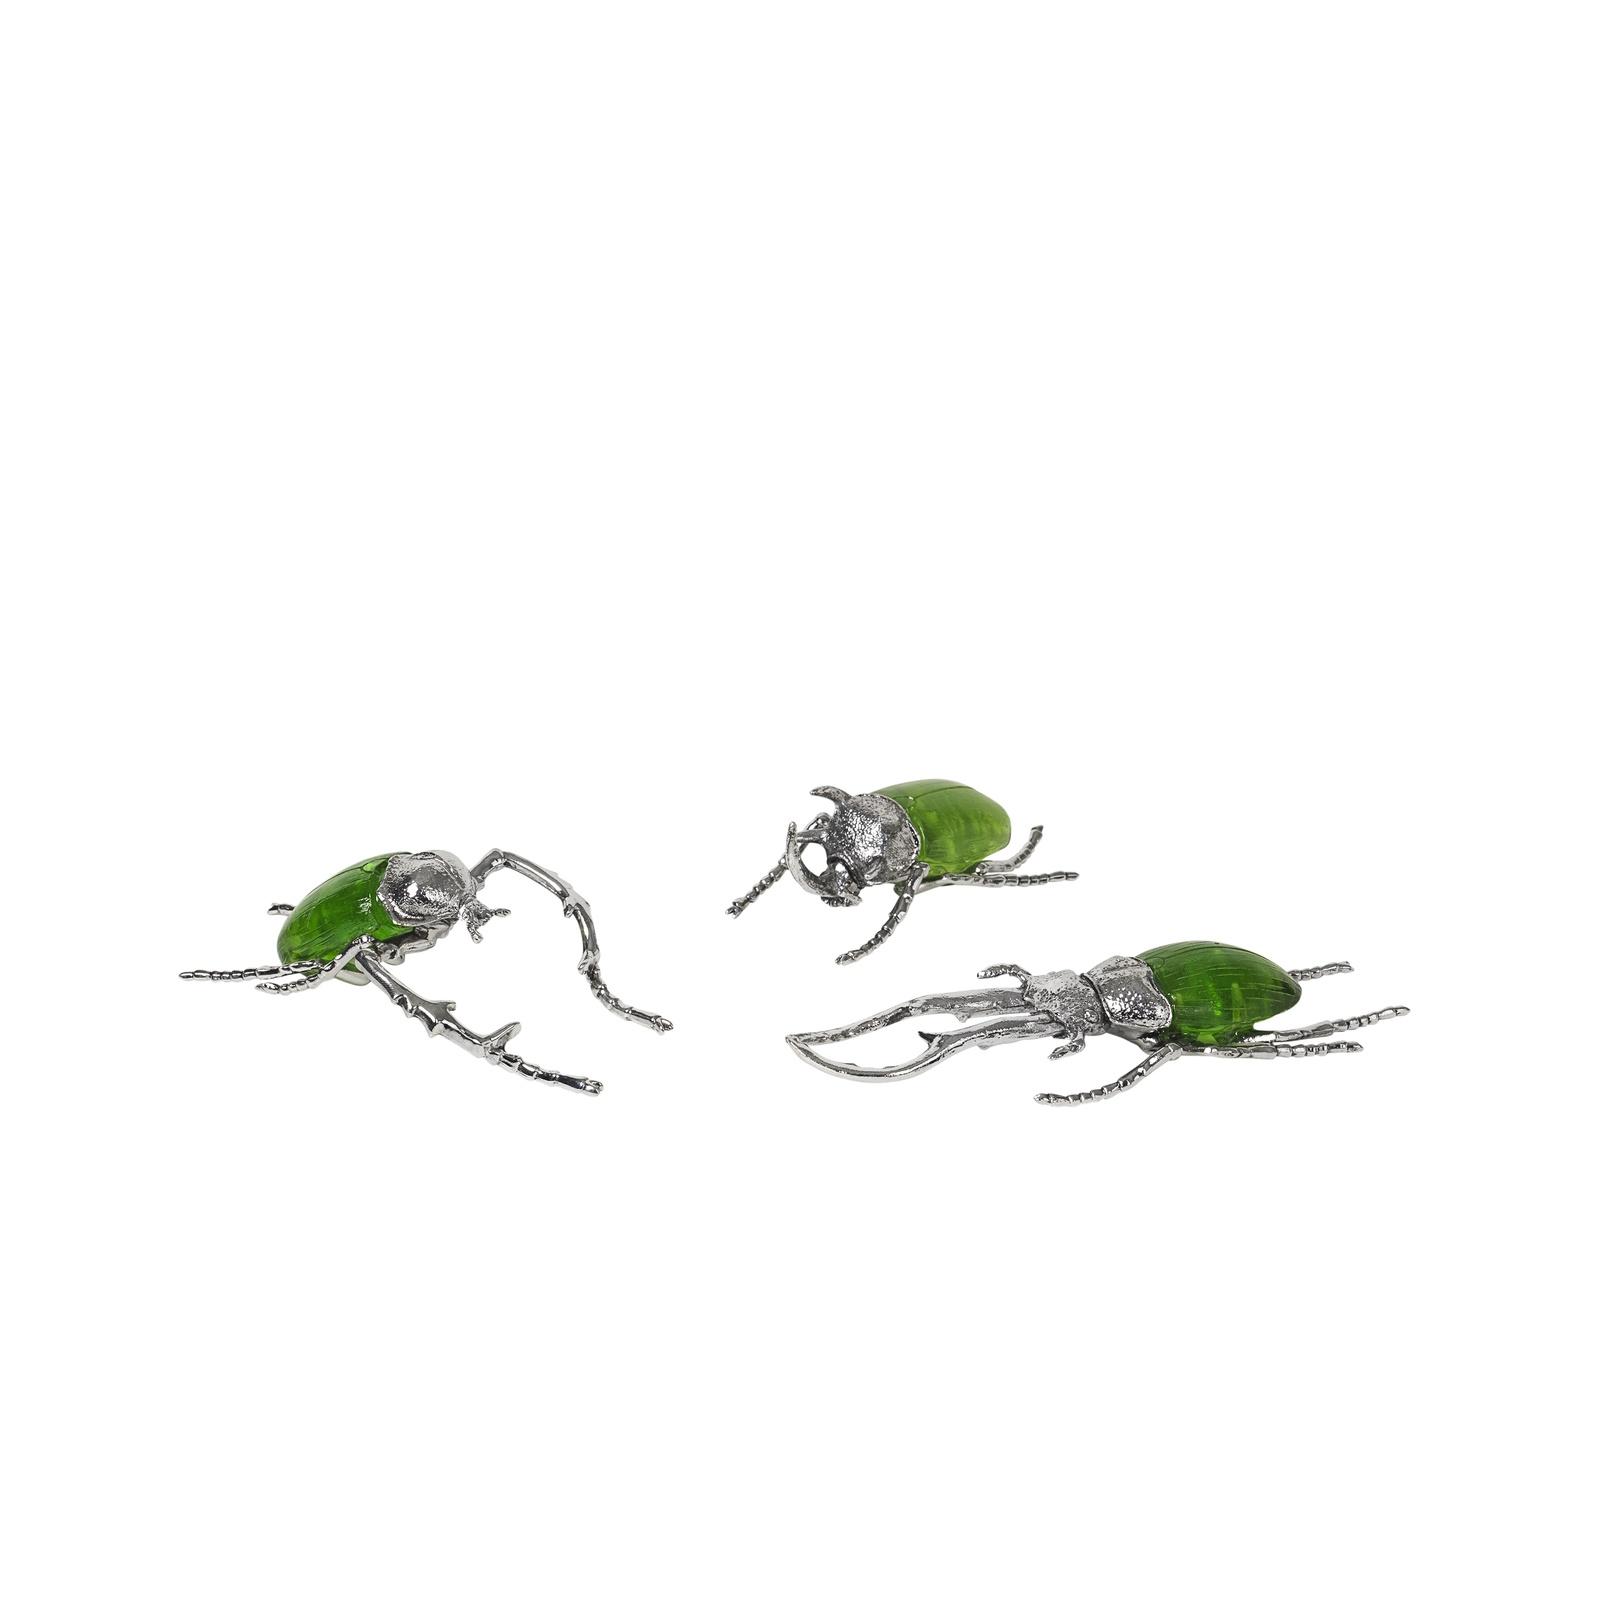 Набор декоративных элементов Broste INSECTS, 14461169, зеленый, серебряный, 3 шт комплект термобелья мужской серебряный пингвин лонгслив кальсоны цвет черный с 6051 к размер 48